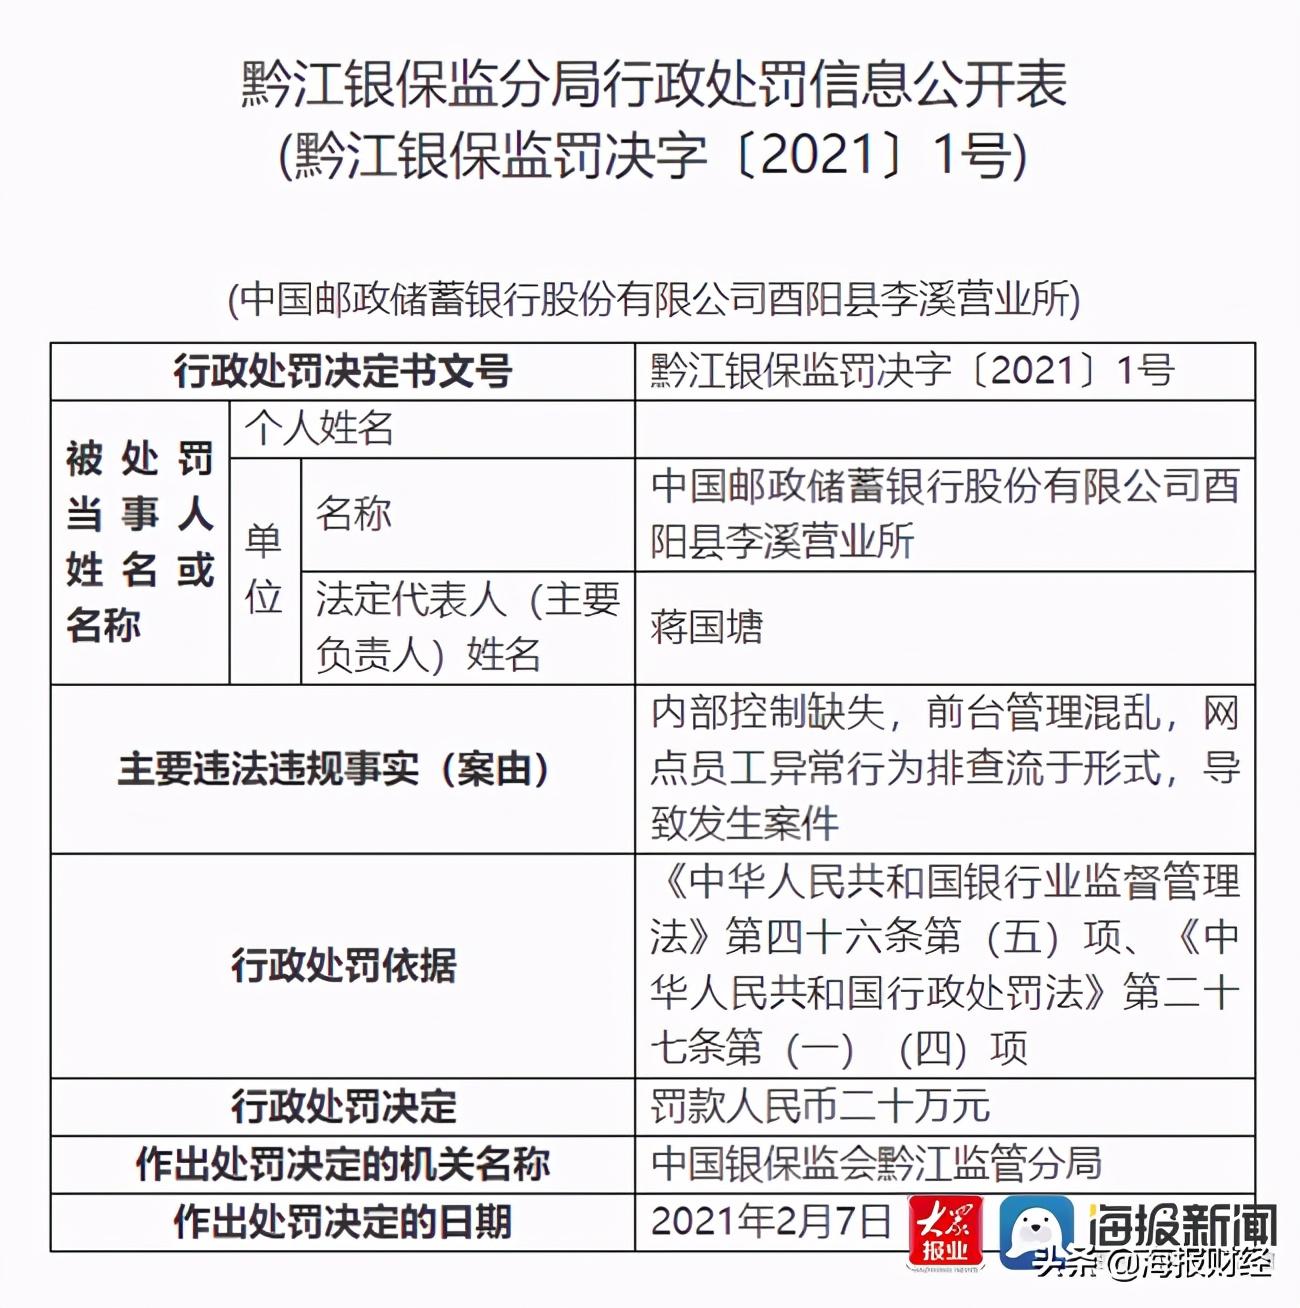 重庆邮政储蓄银行营业部前台管理混乱,导致一起罚款20万的案件